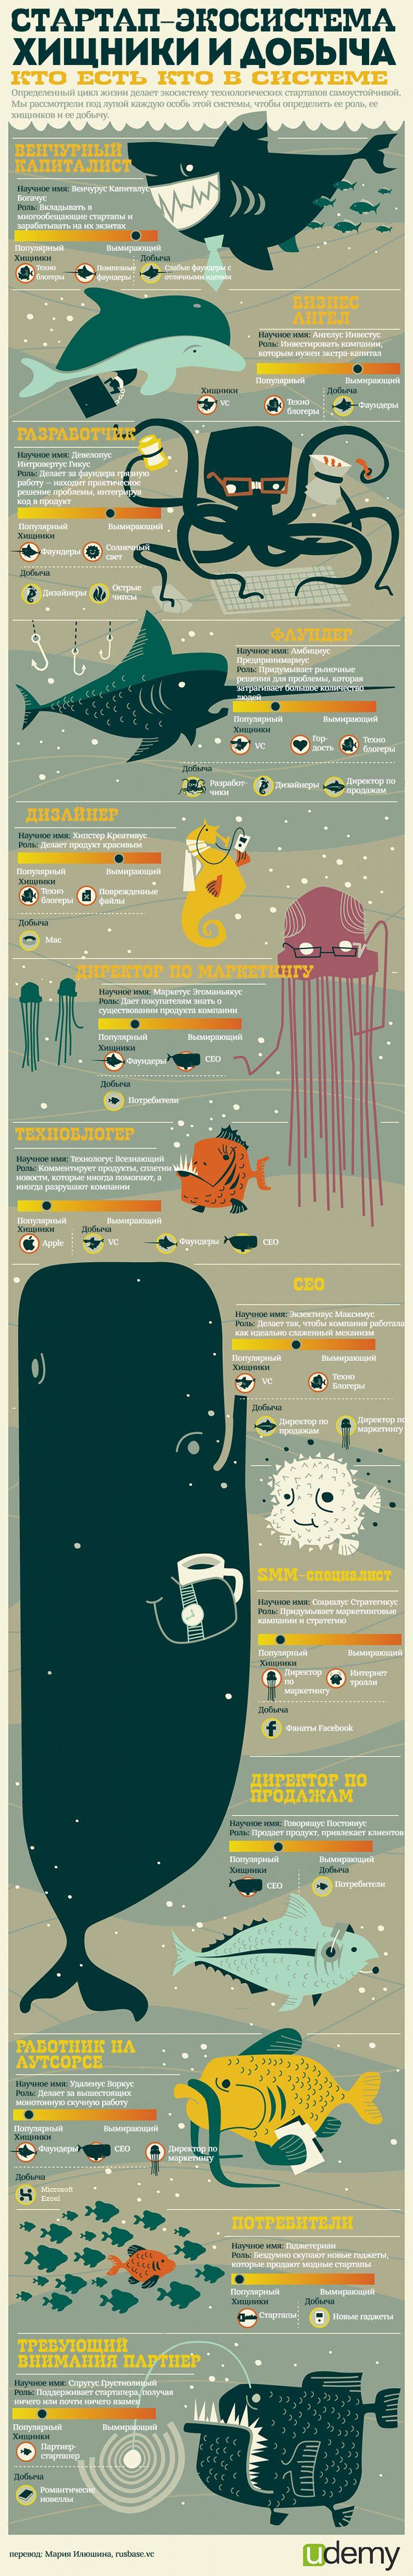 Инфографика: кто на кого охотится в стартап-экосистеме | StartUp школа - полезные статьи про стартапы, венчурные инвестиции